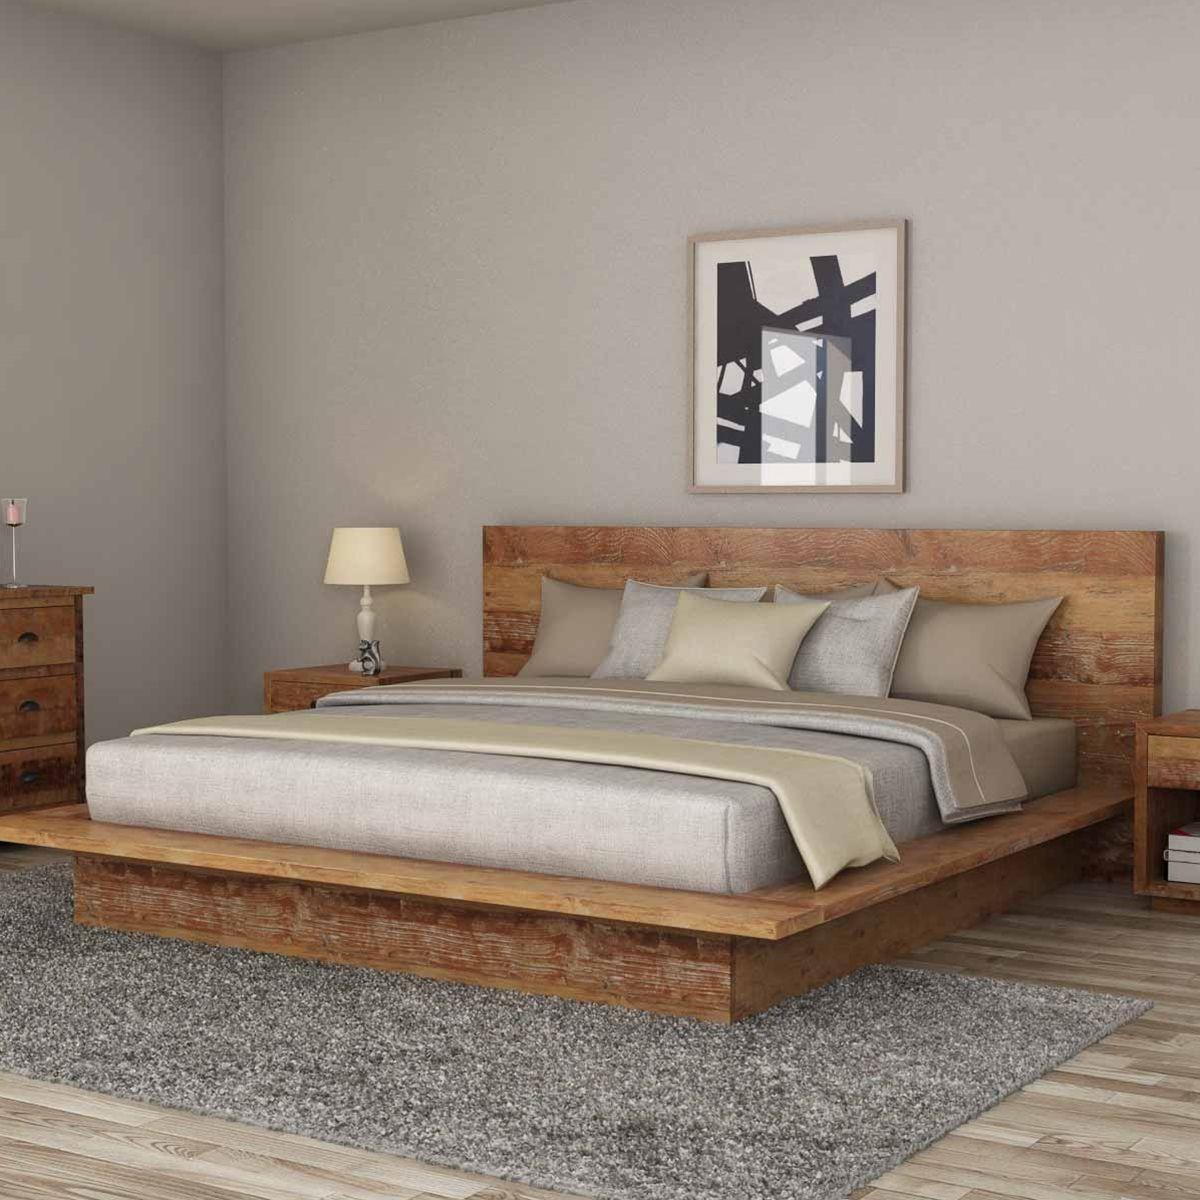 Britain Rustic Teak Wood Platform Bed Frame Platform Bed Designs